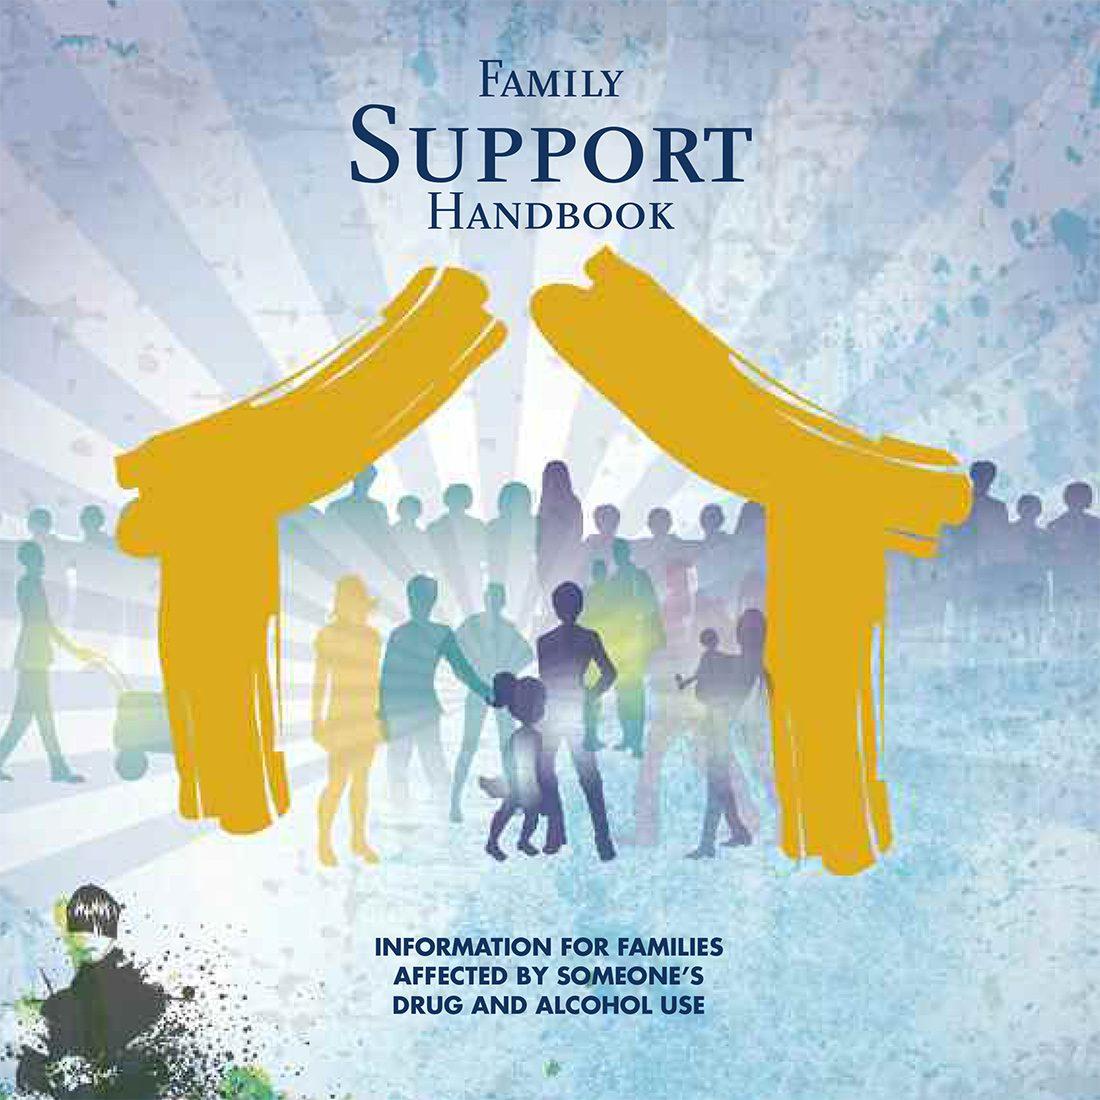 Family Support Handbook